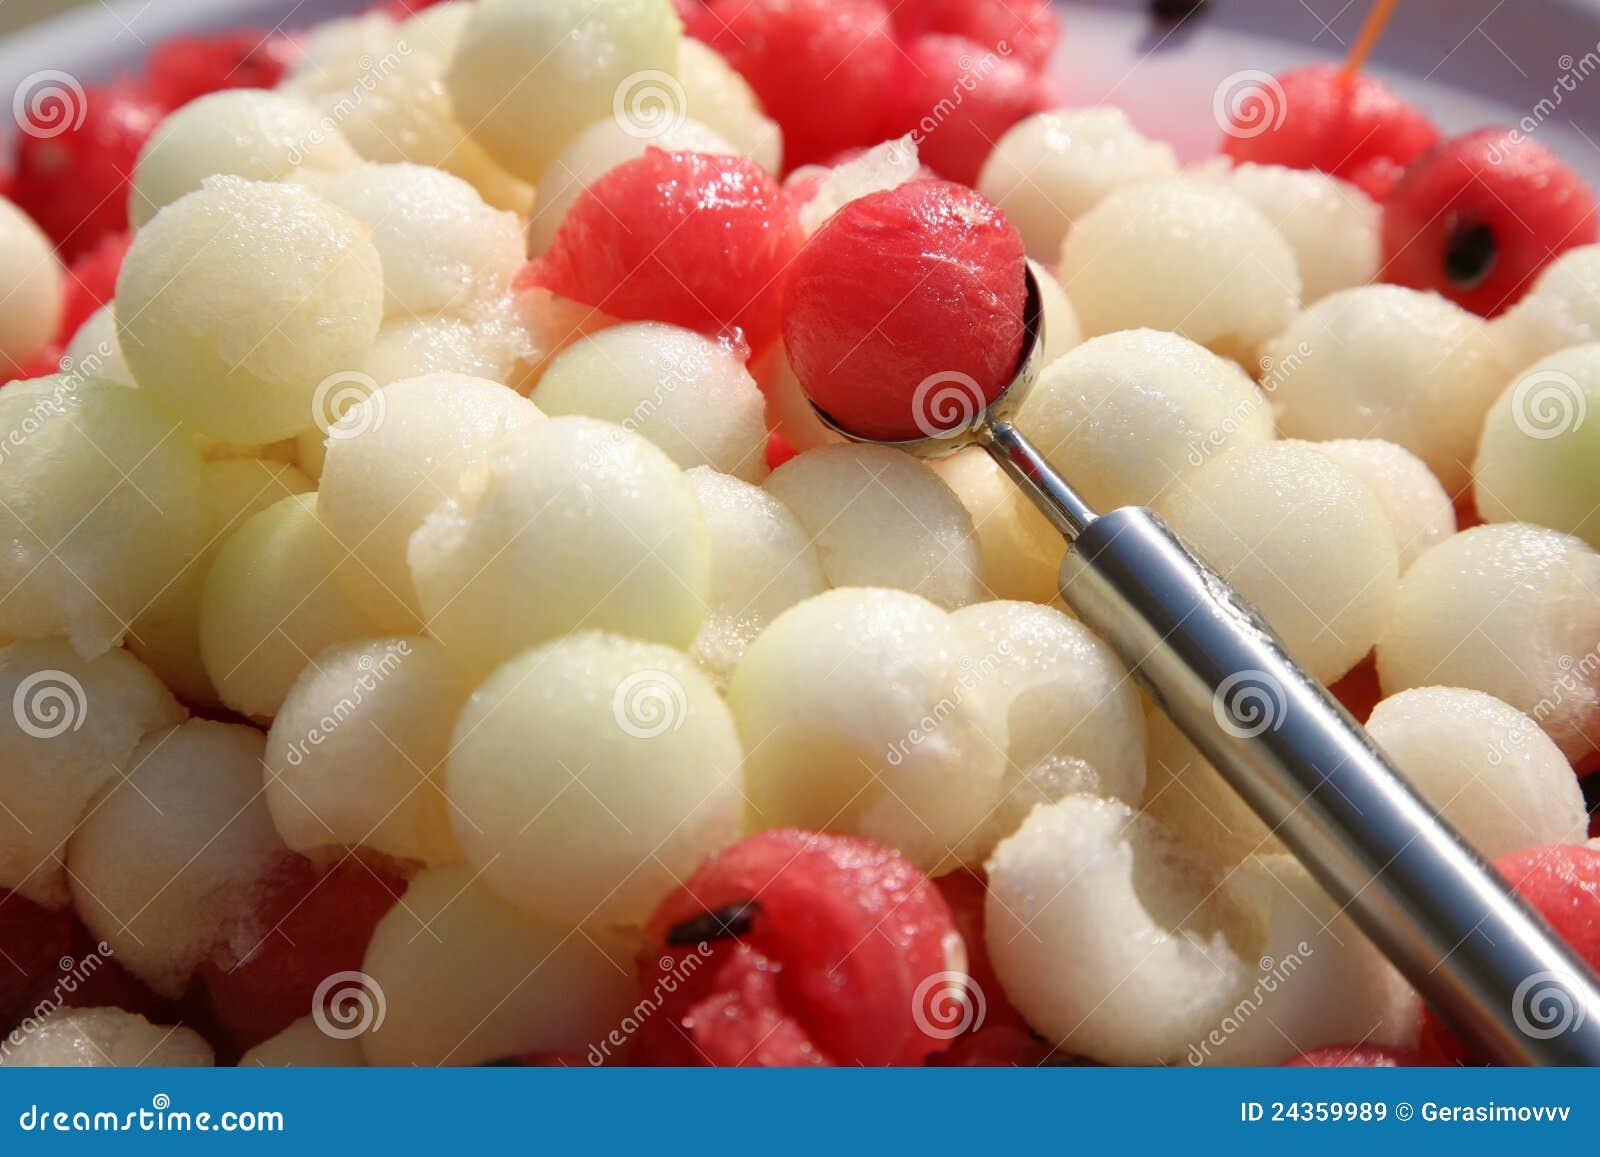 billes de dessert de melon et de pastèque image stock - image du